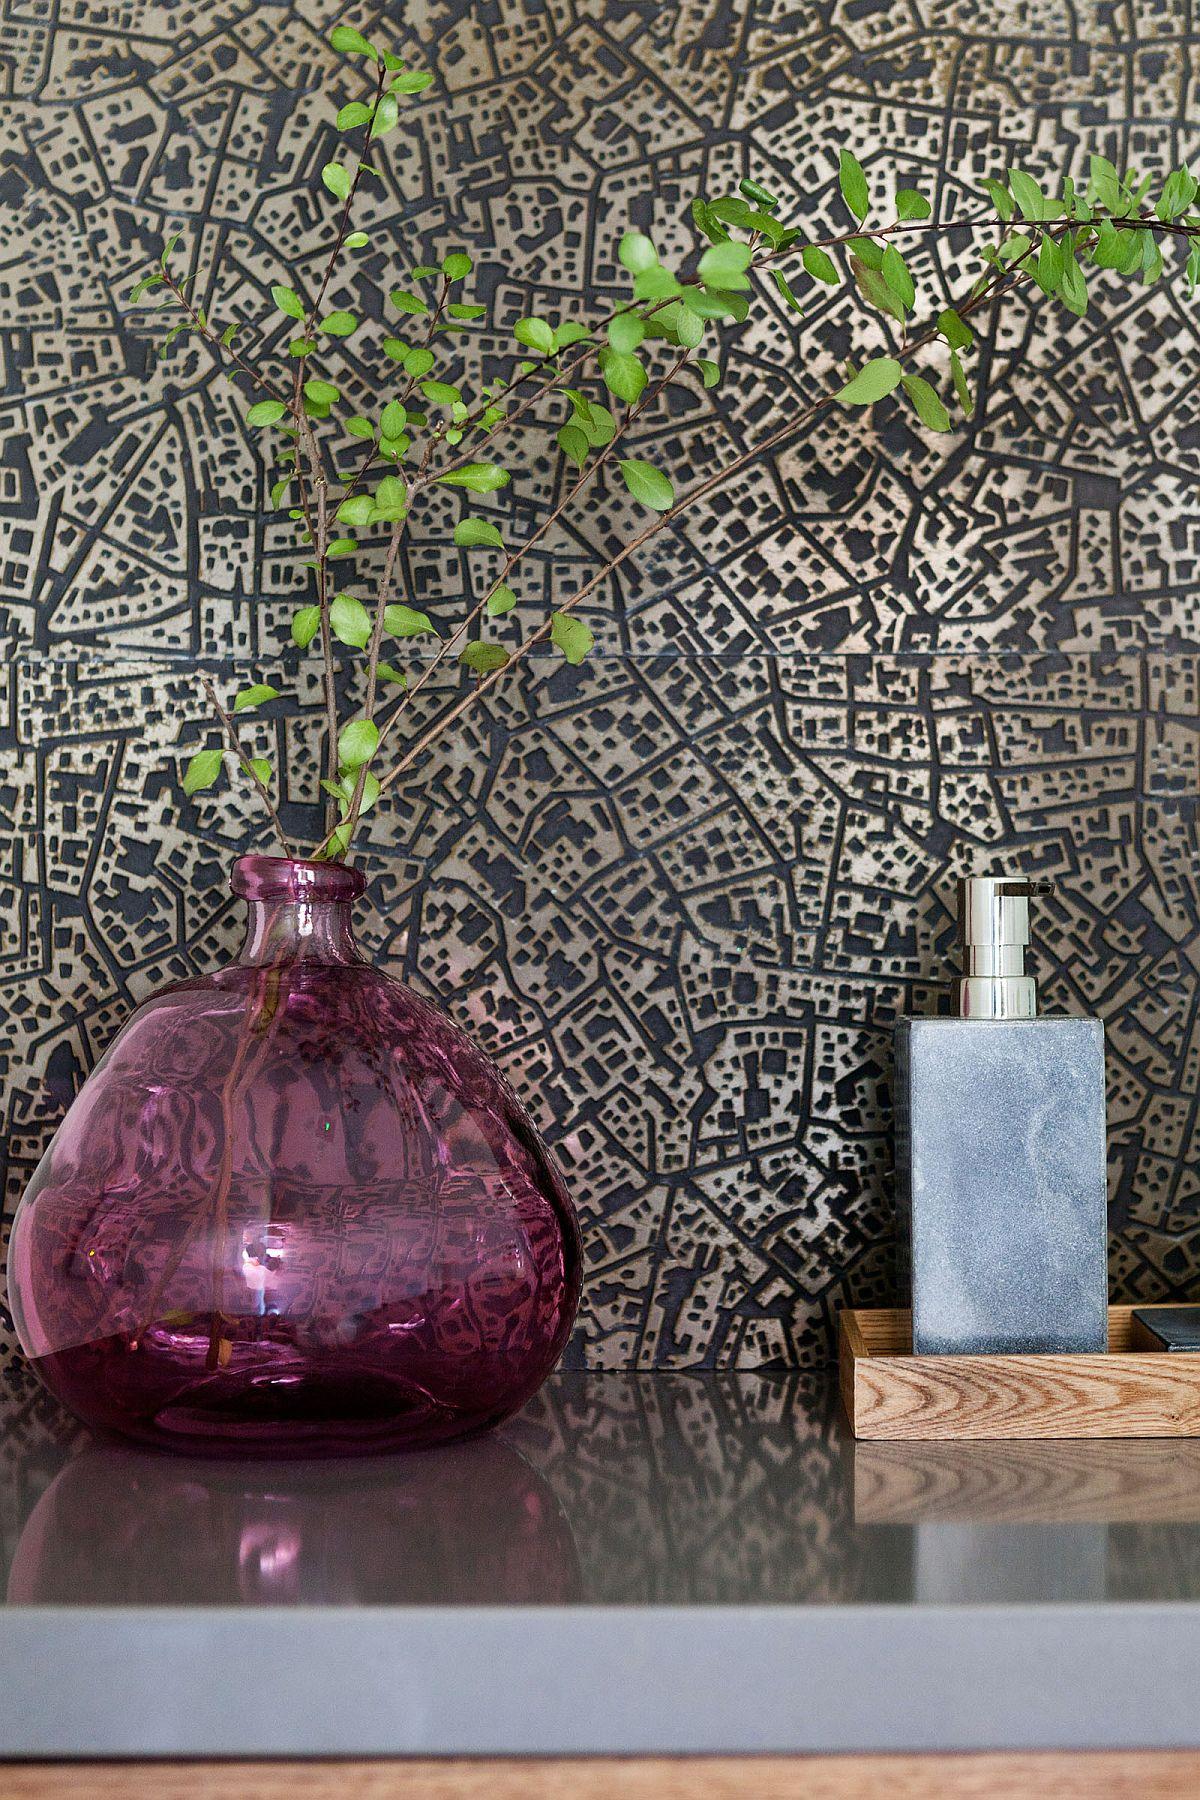 Trouvez des façons innovantes d'ajouter de la verdure à la salle d'eau à l'aide de vases